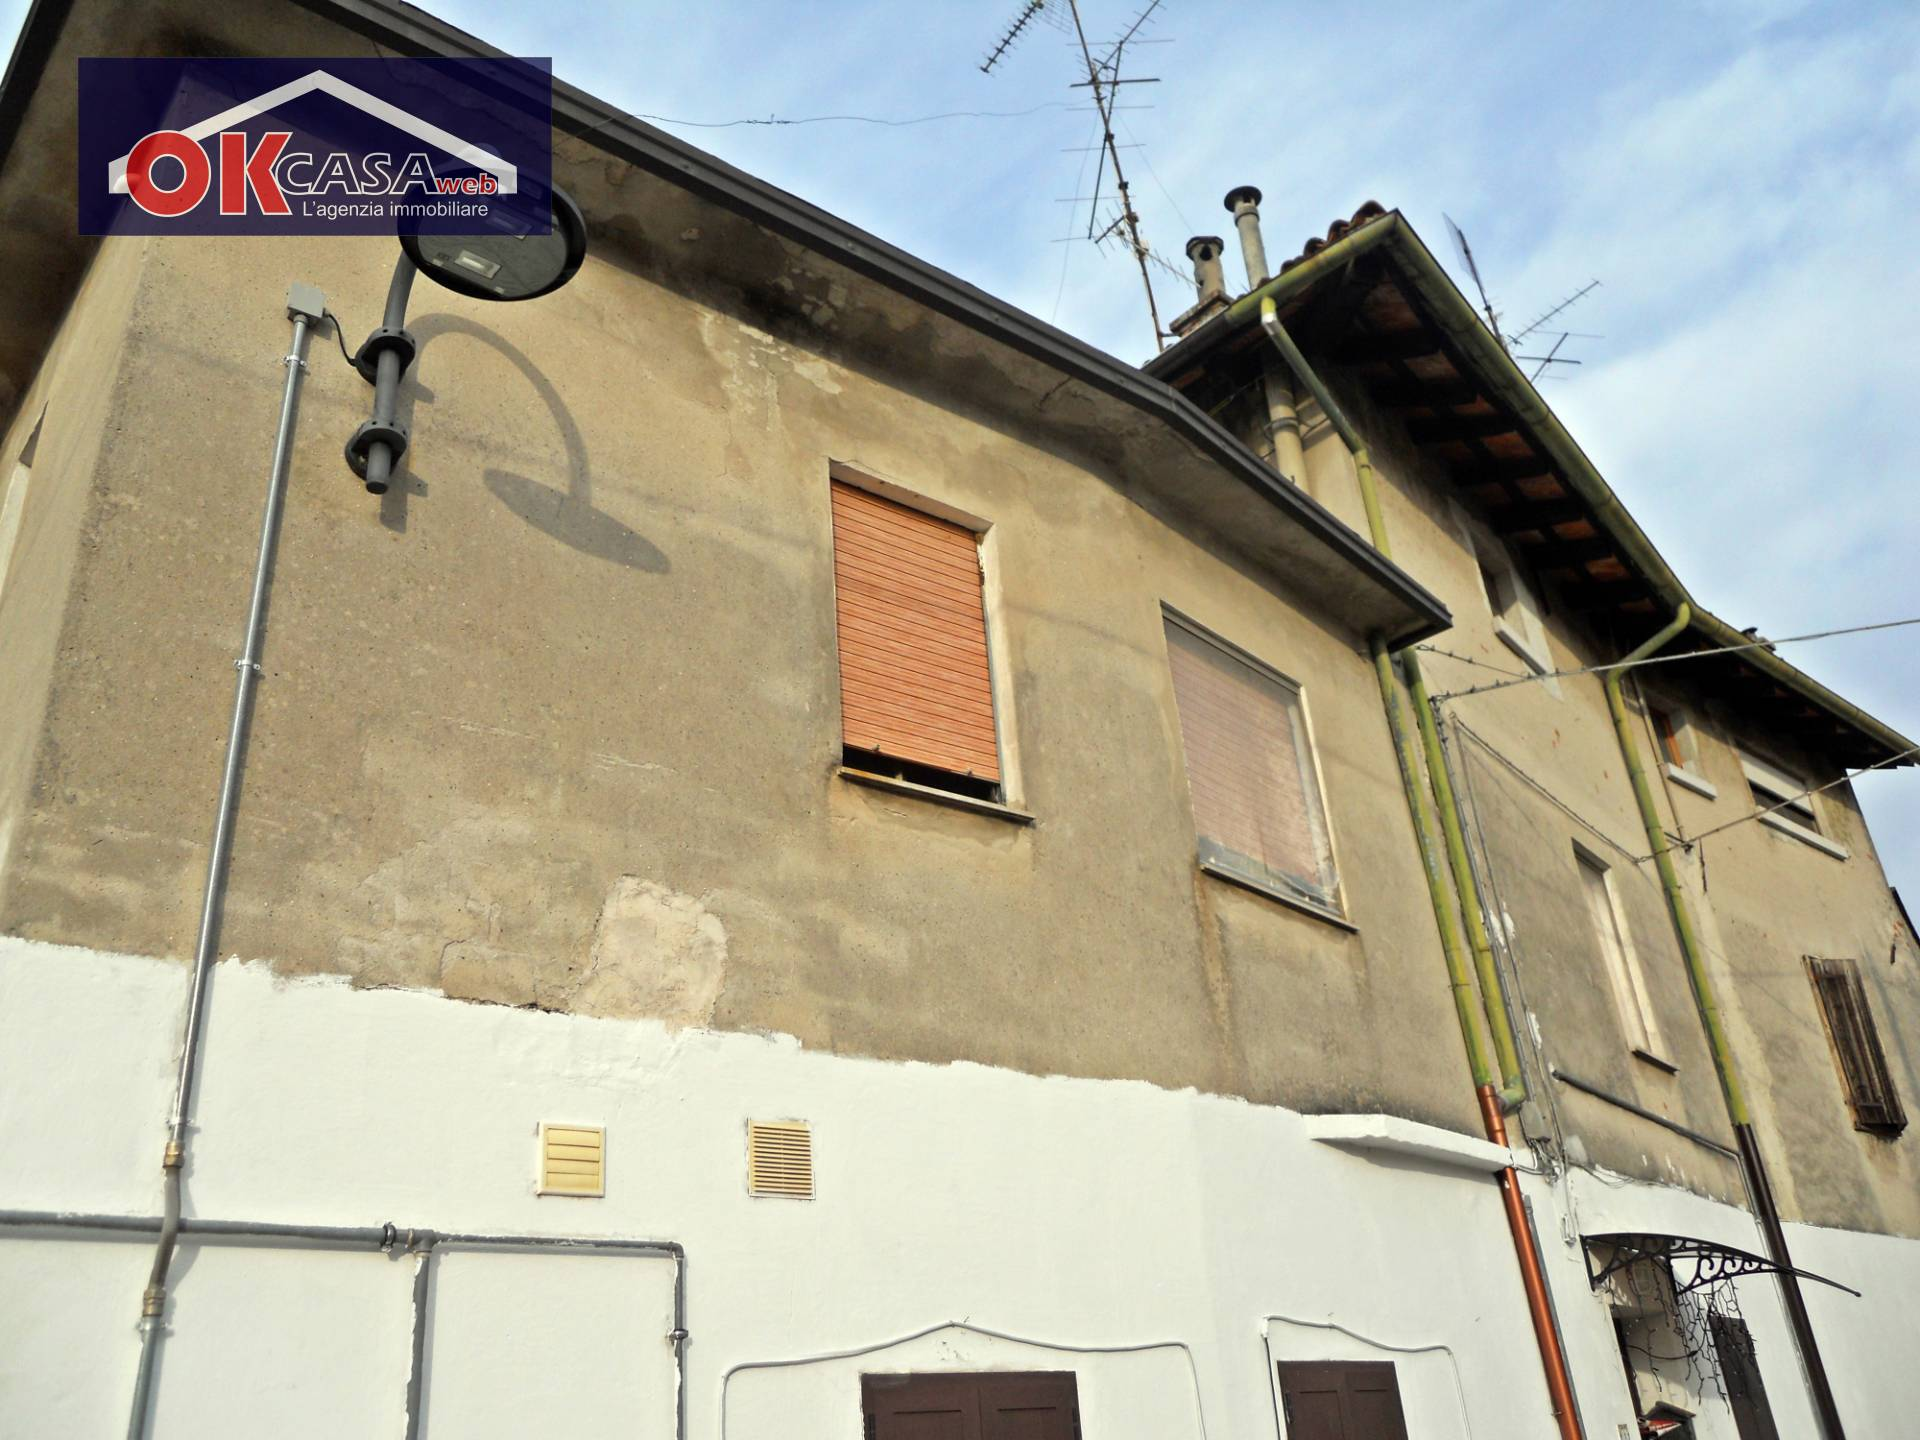 Appartamento | Gorizia, Fogliano Redipuglia, via Bersaglieri